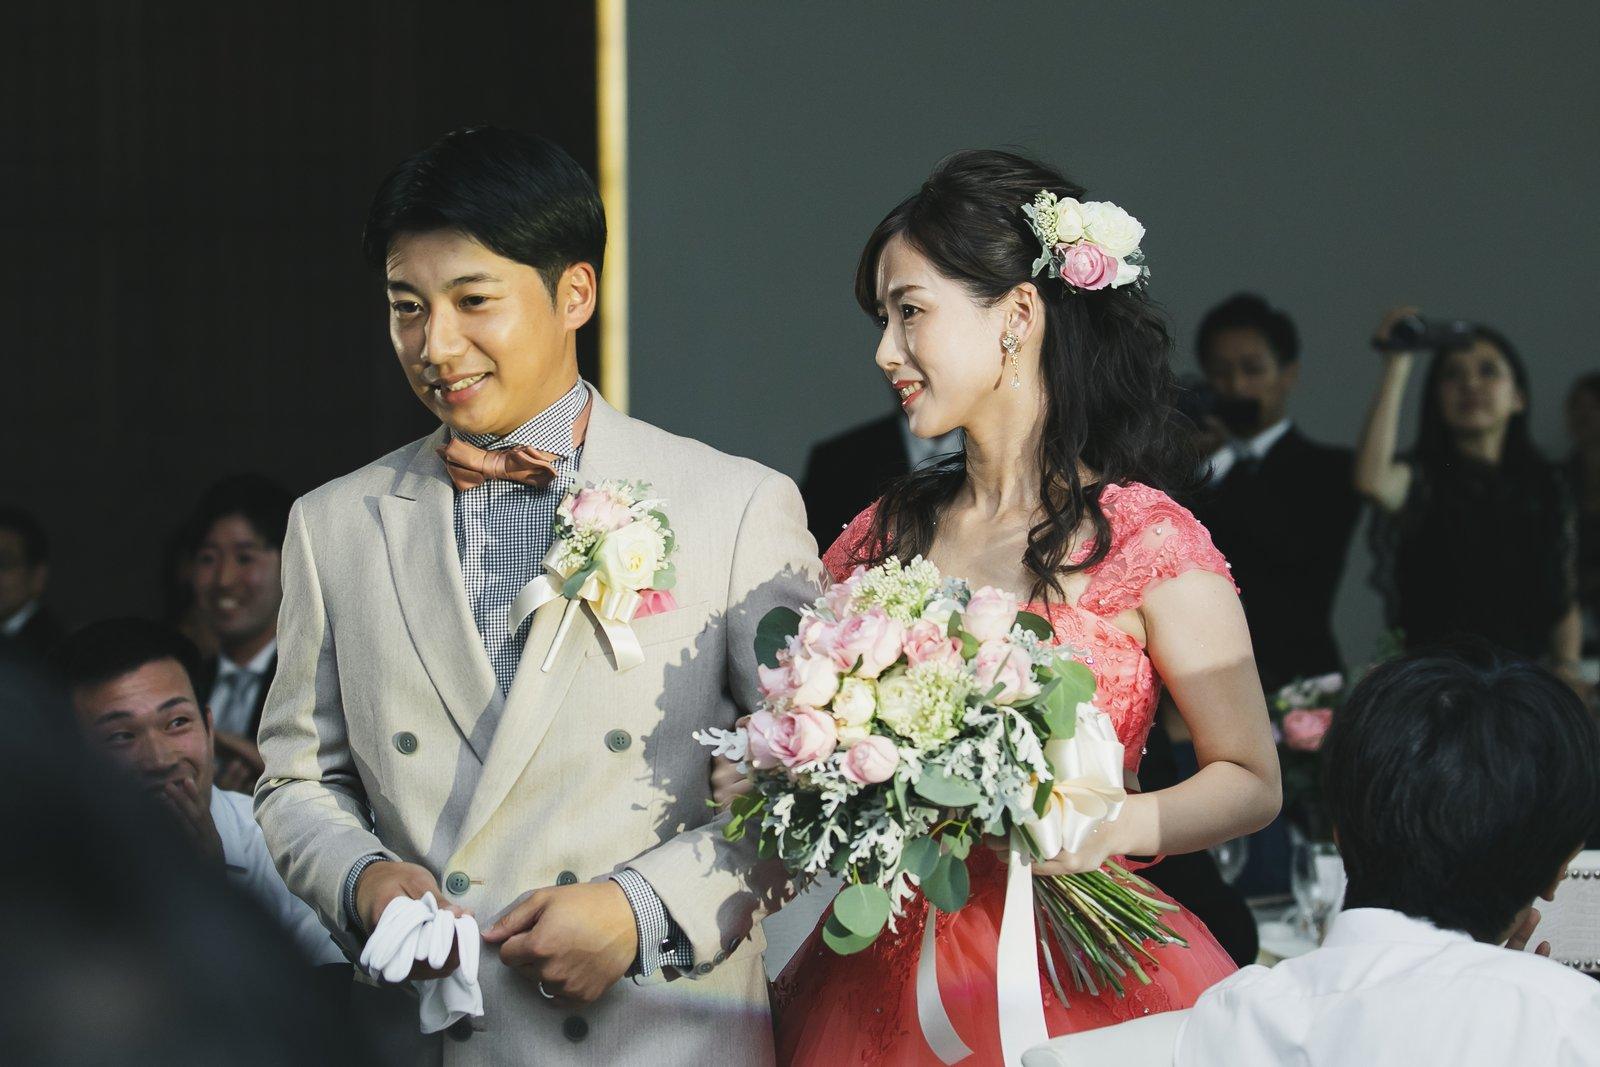 香川県の結婚式場シェルエメール&アイスタイル 新郎新婦入場